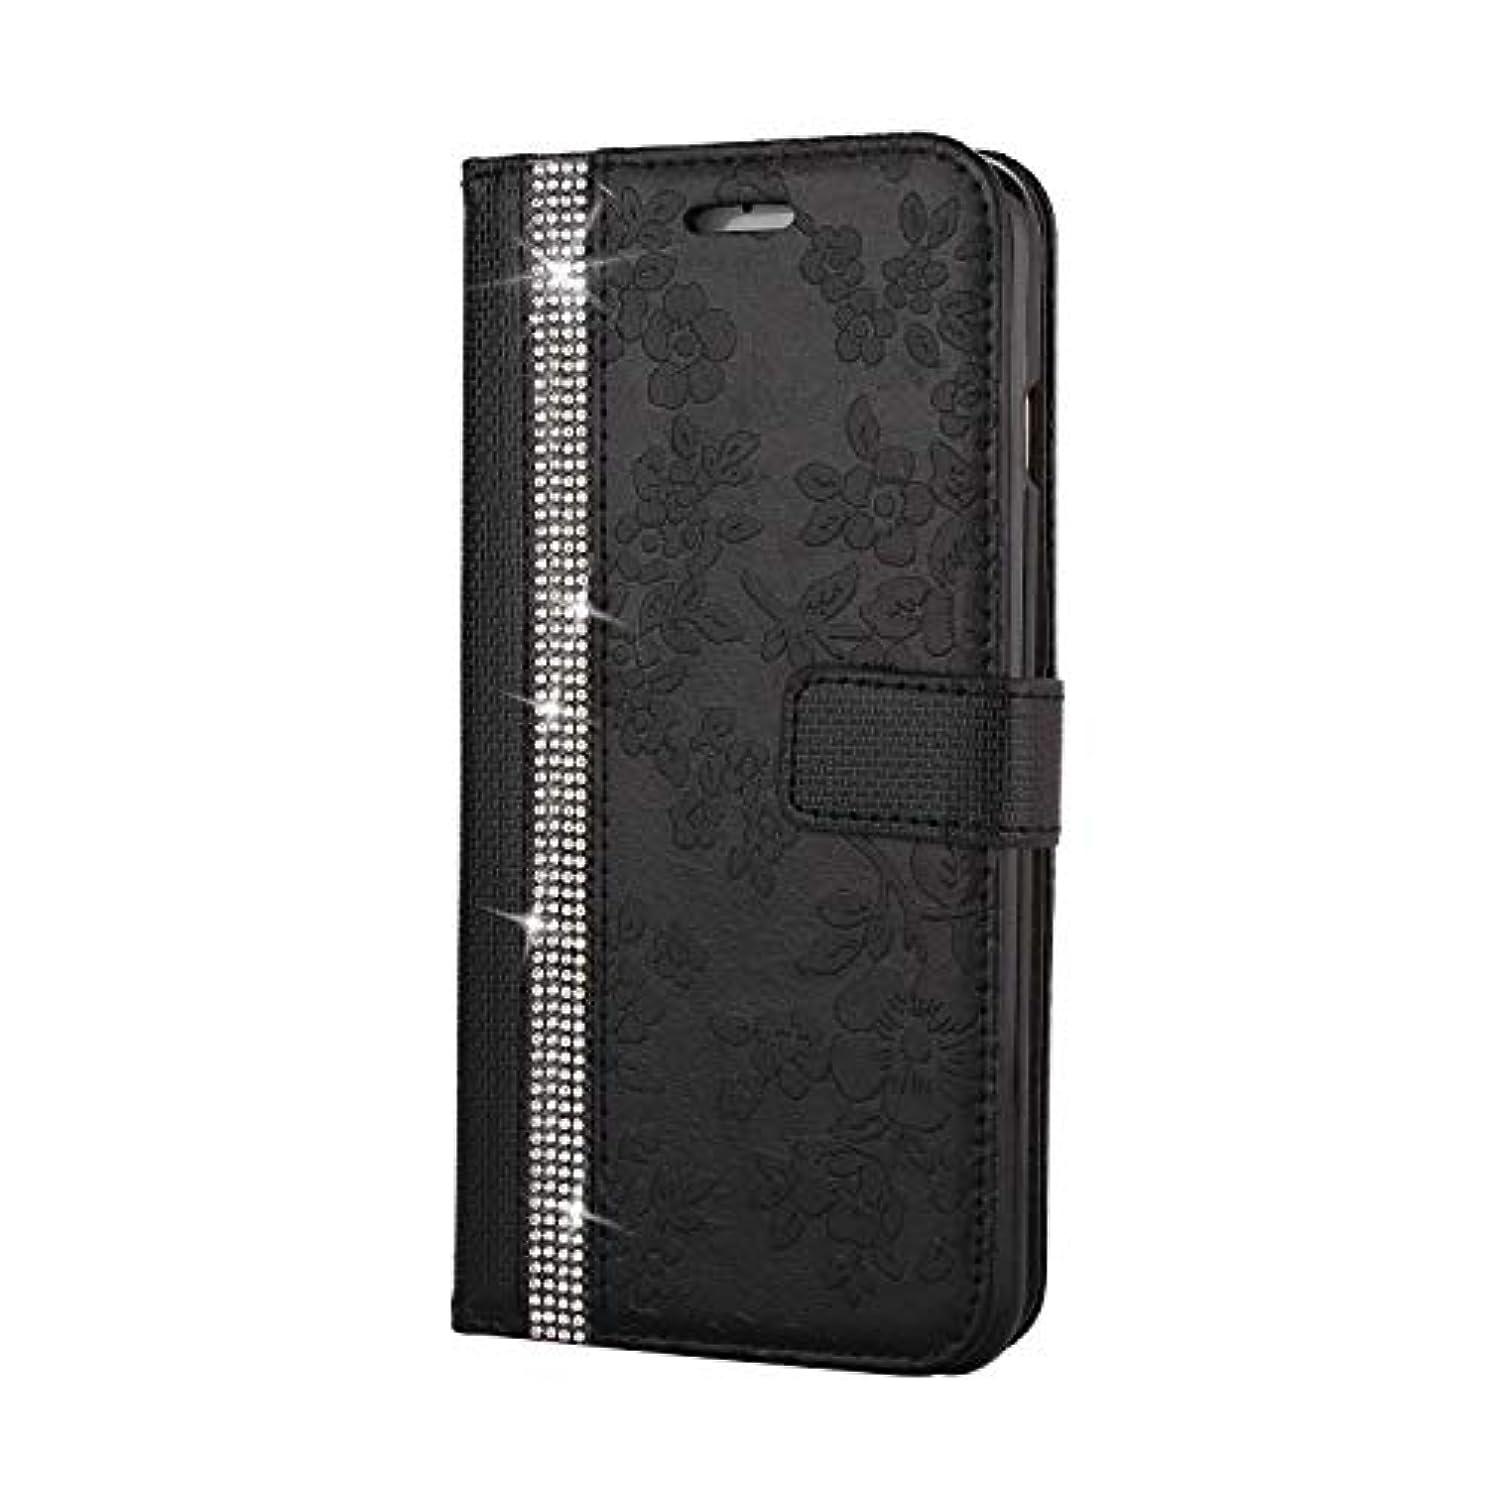 前方へうぬぼれ回想CUNUS iPhone 6 Plus/iPhone 6S Plus 用 ウォレット ケース, プレミアム PUレザー 全面保護 ケース 耐衝撃 スタンド機能 耐汚れ カード収納 カバー, ブラック